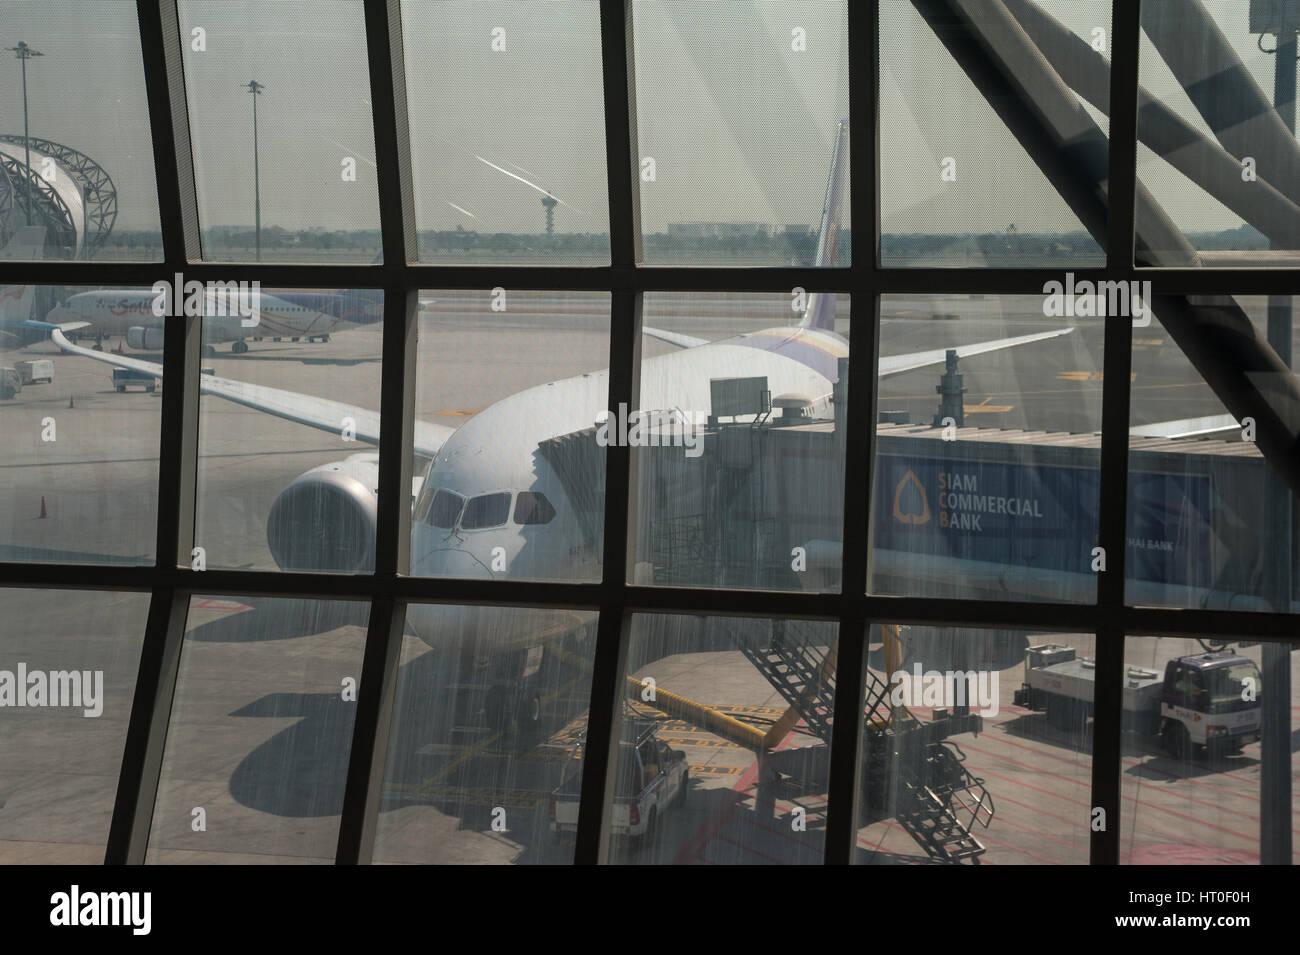 08.02.2017, Bangkok, Thailandia, Asia - un Thai Airways piano passeggero è parcheggiata in corrispondenza di Immagini Stock